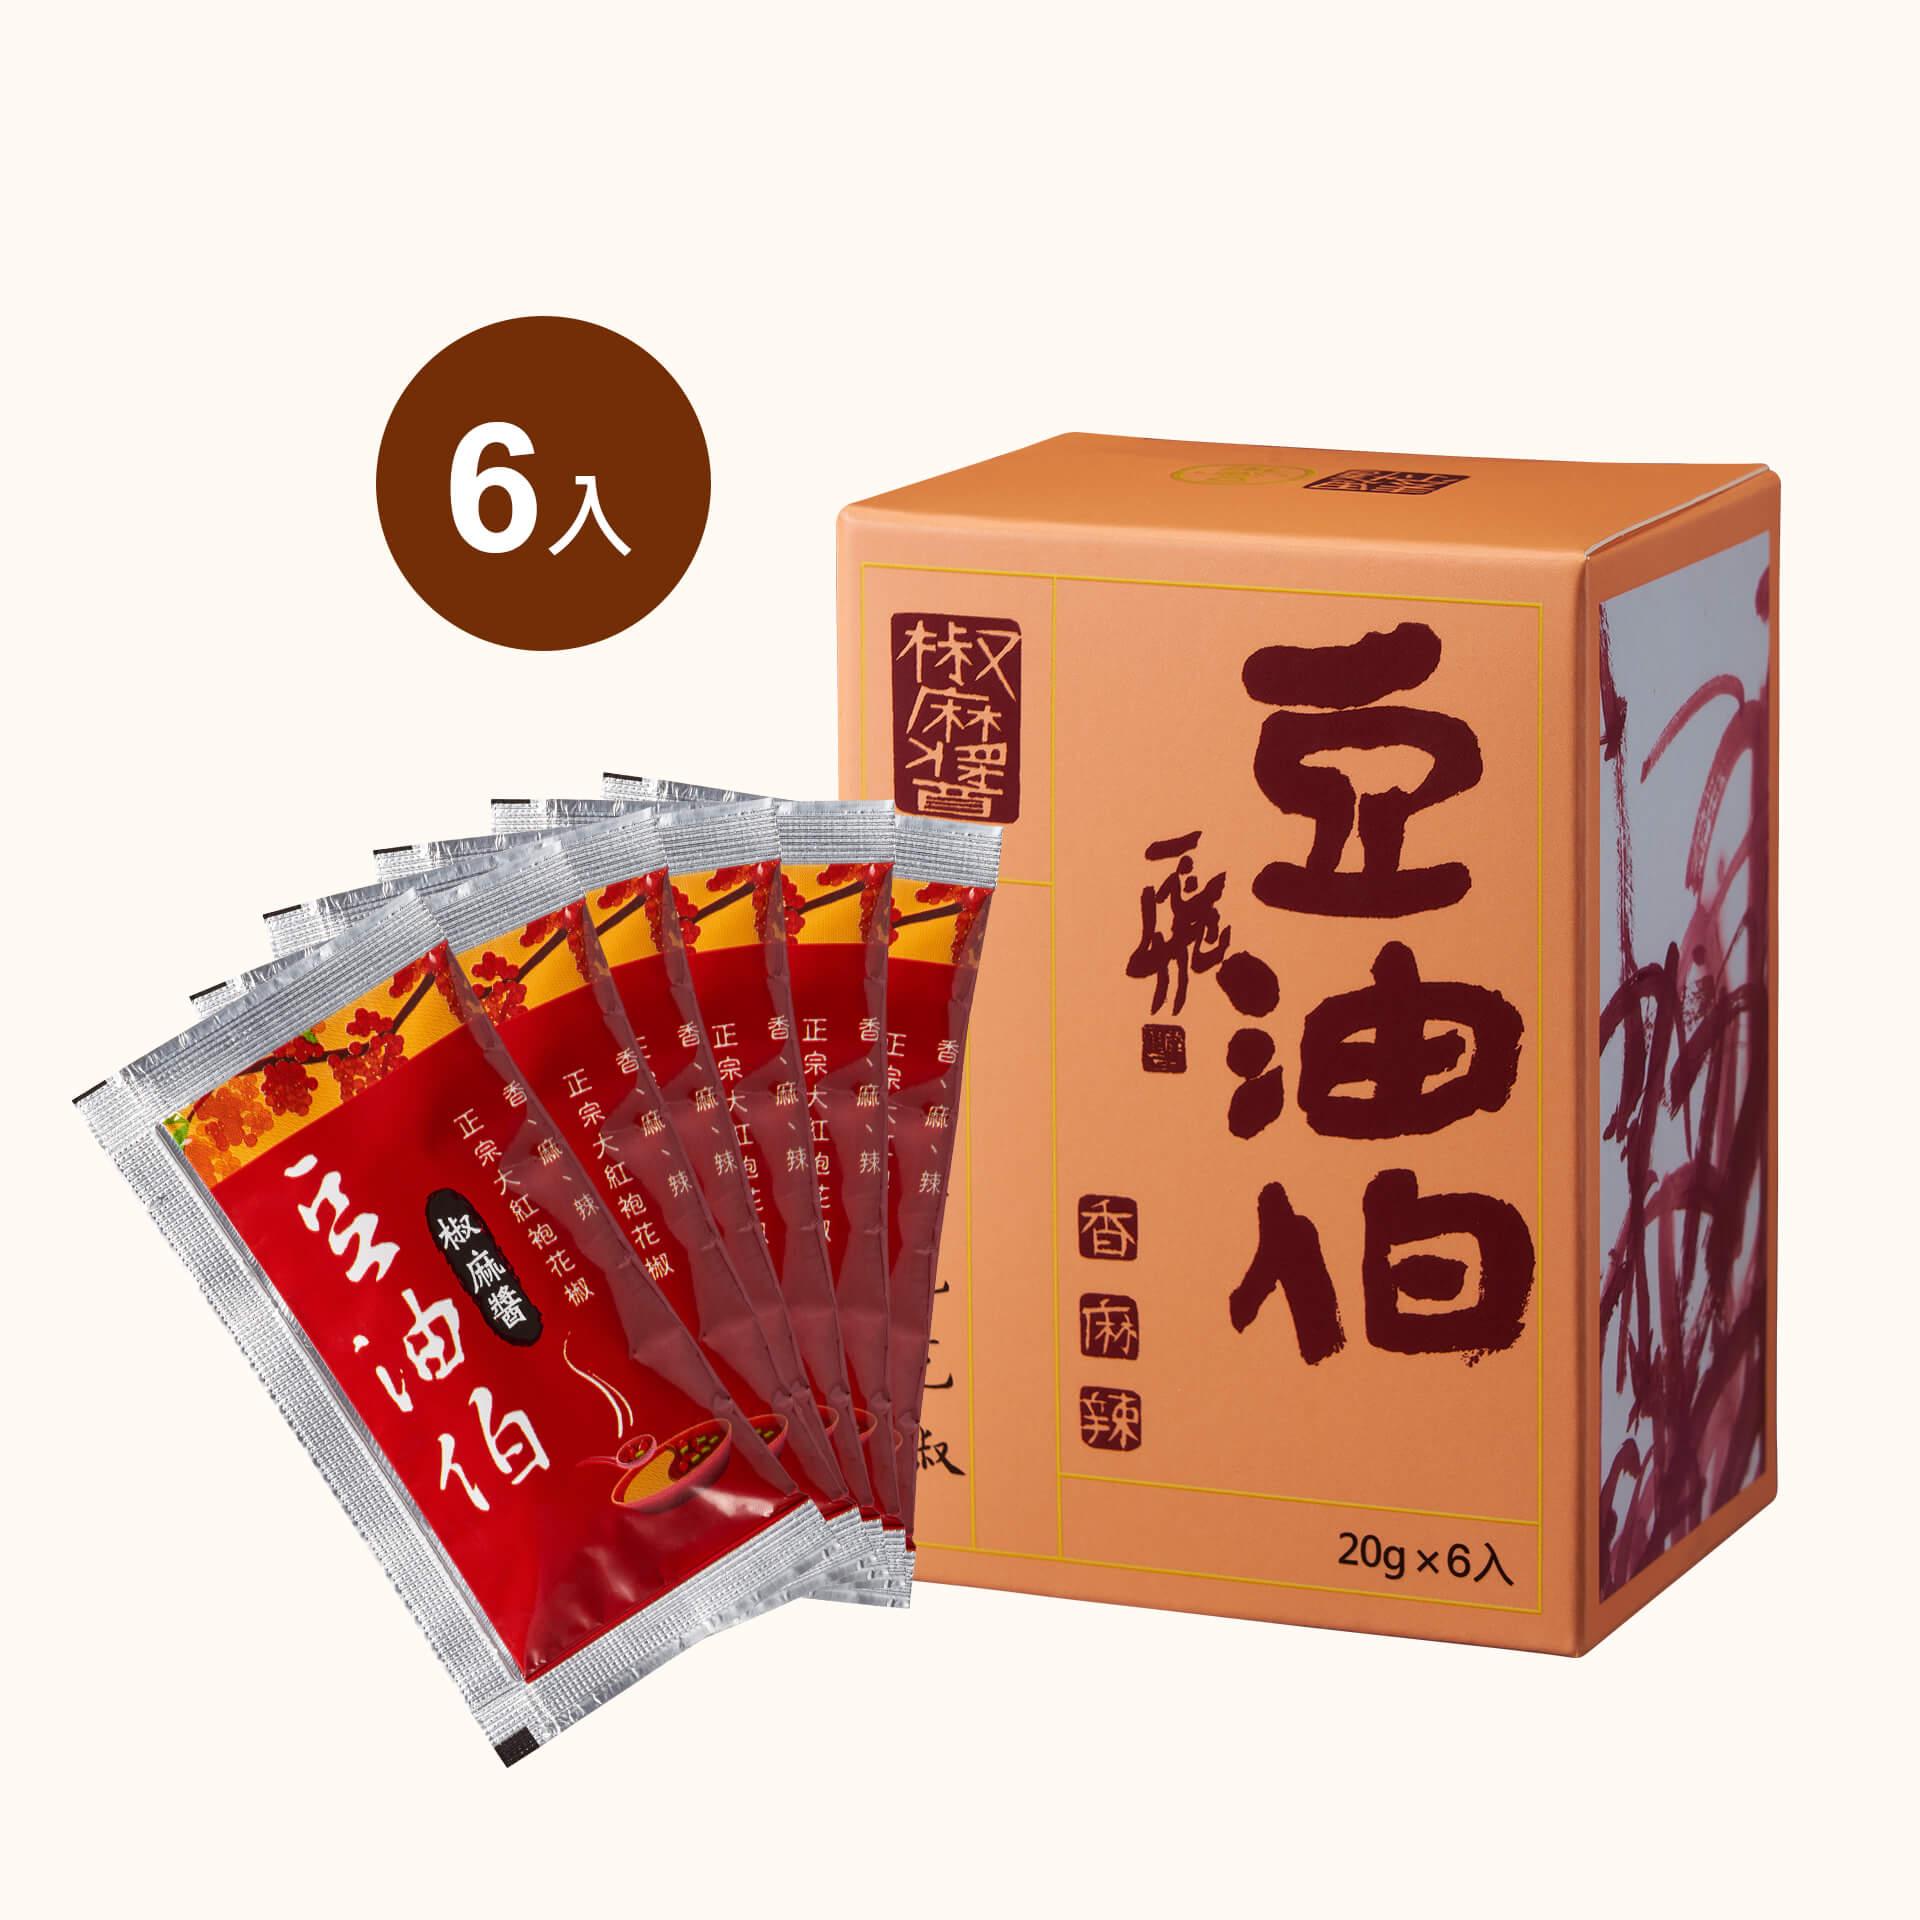 【新客限定】豆油伯椒麻醬(6入隨身包)